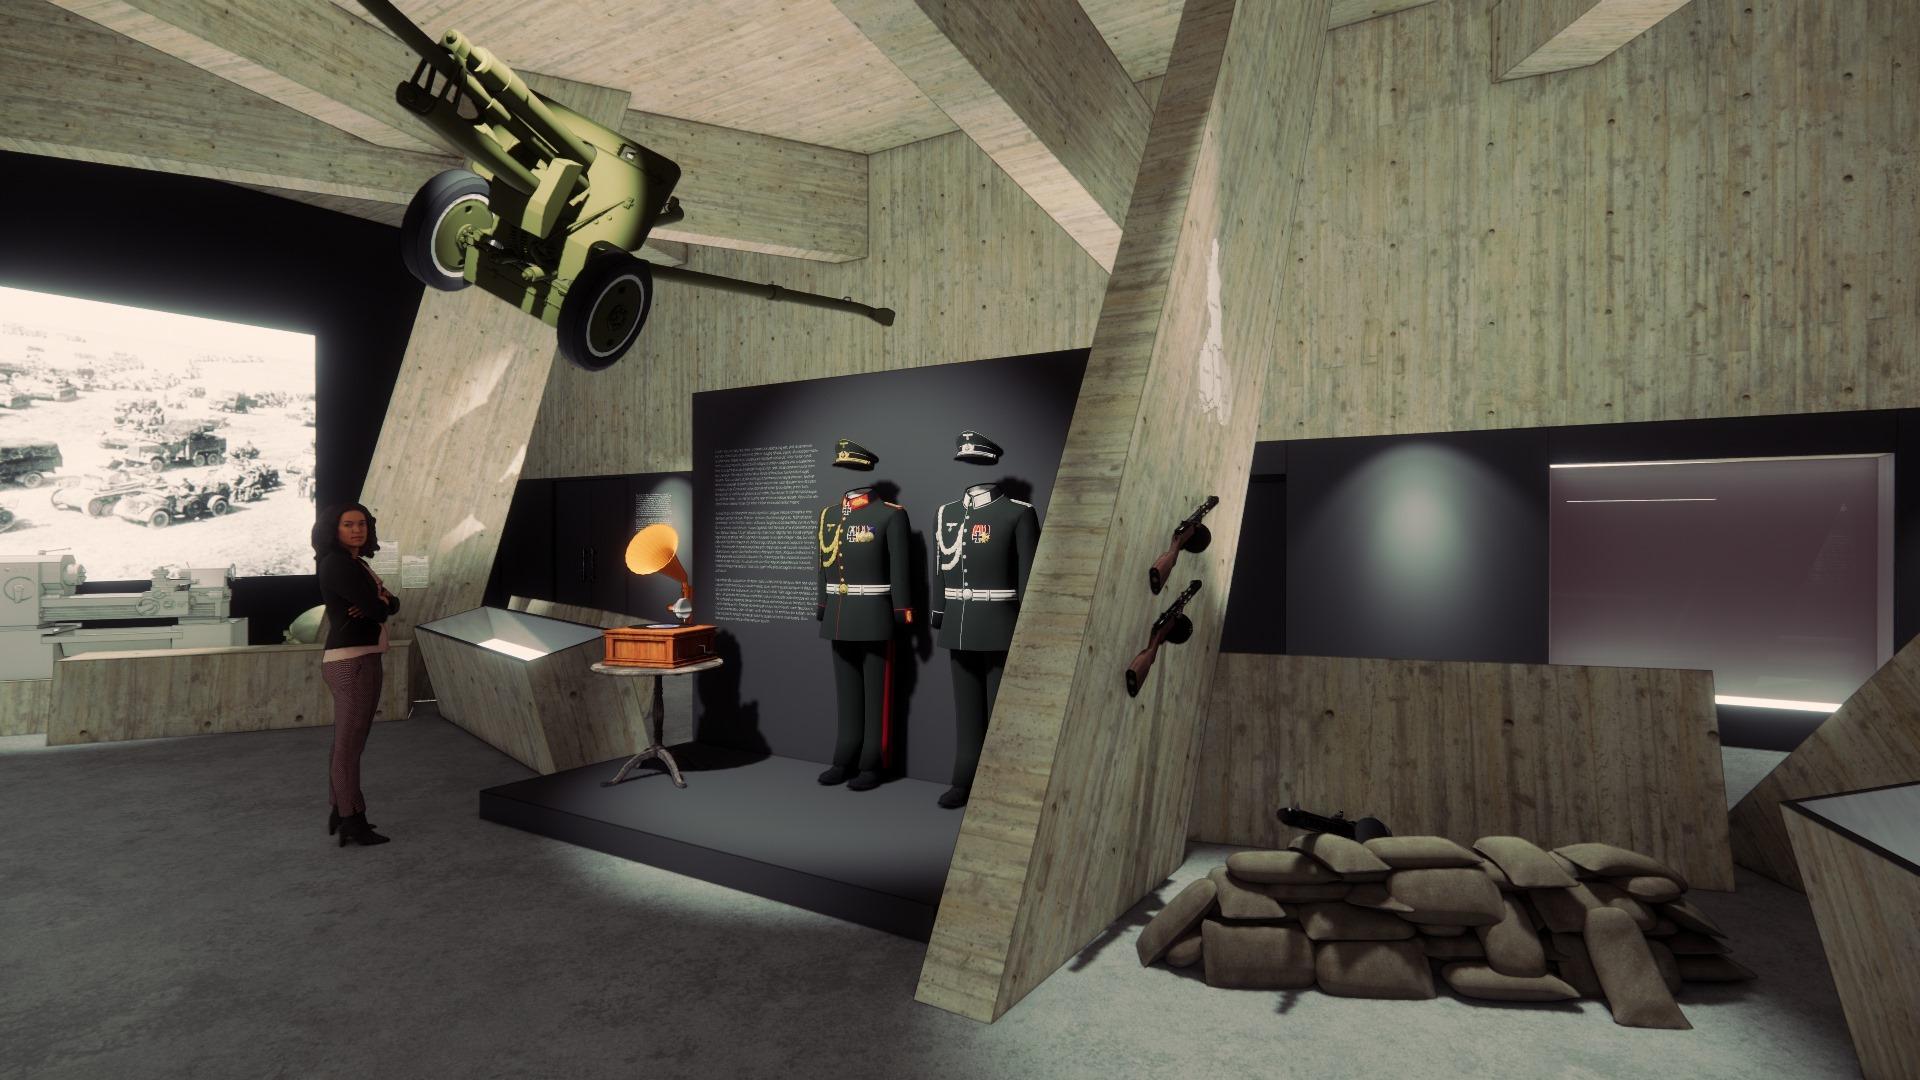 До кінця року в історичному музеї реконструюють зал Другої світової війни: як він виглядатиме